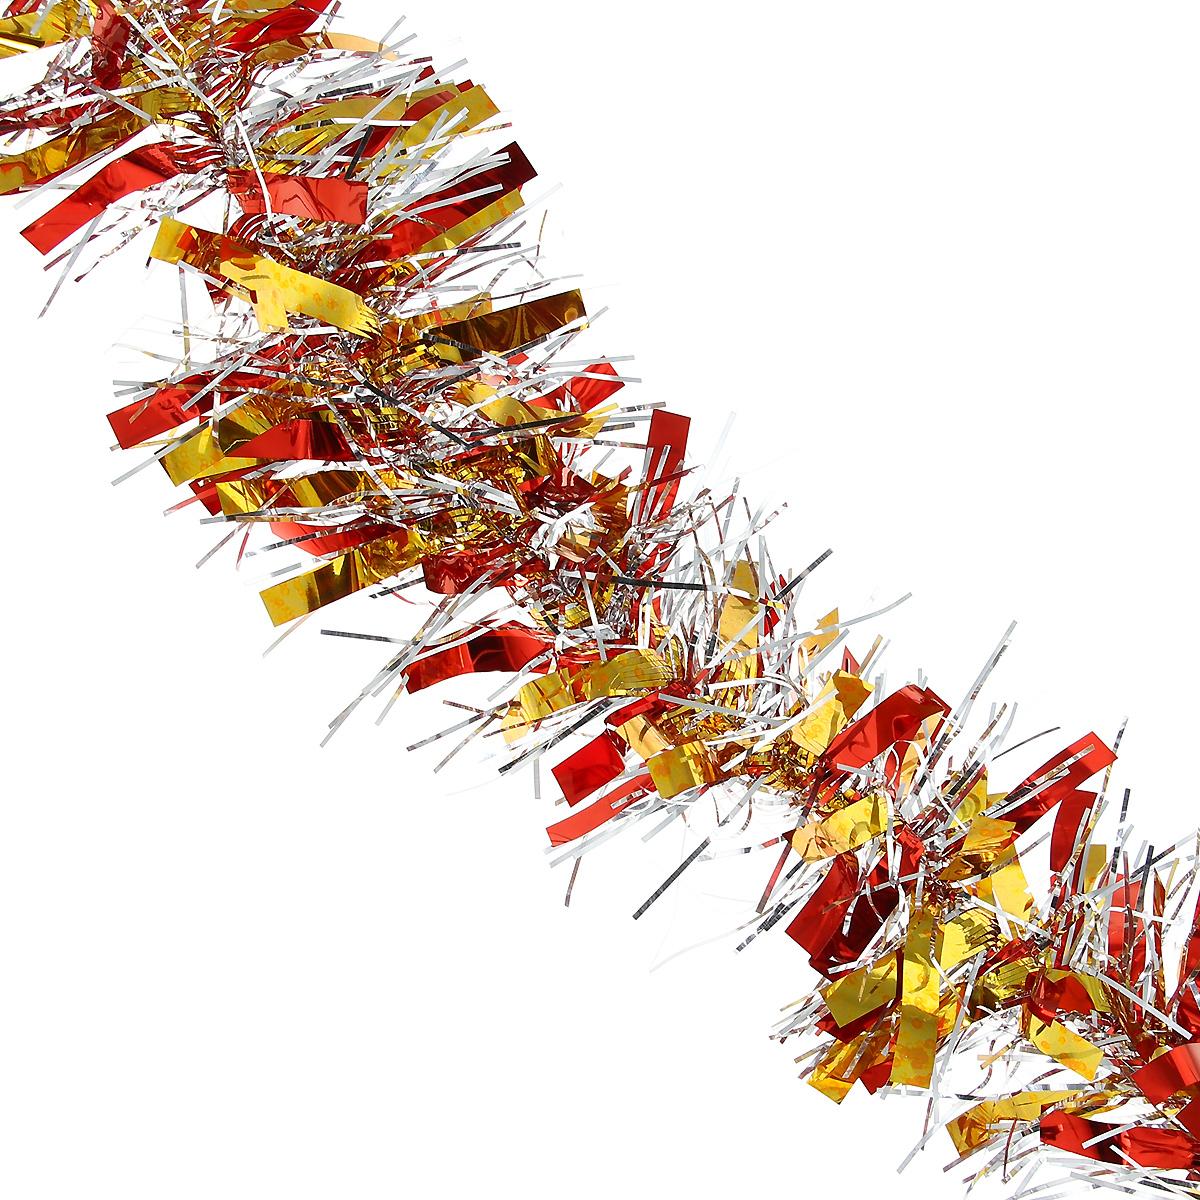 Мишура новогодняя Magic Time, диаметр 9 см, длина 200 см, цвет: коричневый, золотистый. 34905 мишура новогодняя magic time цвет золотистый диаметр 6 см длина 200 см 75763